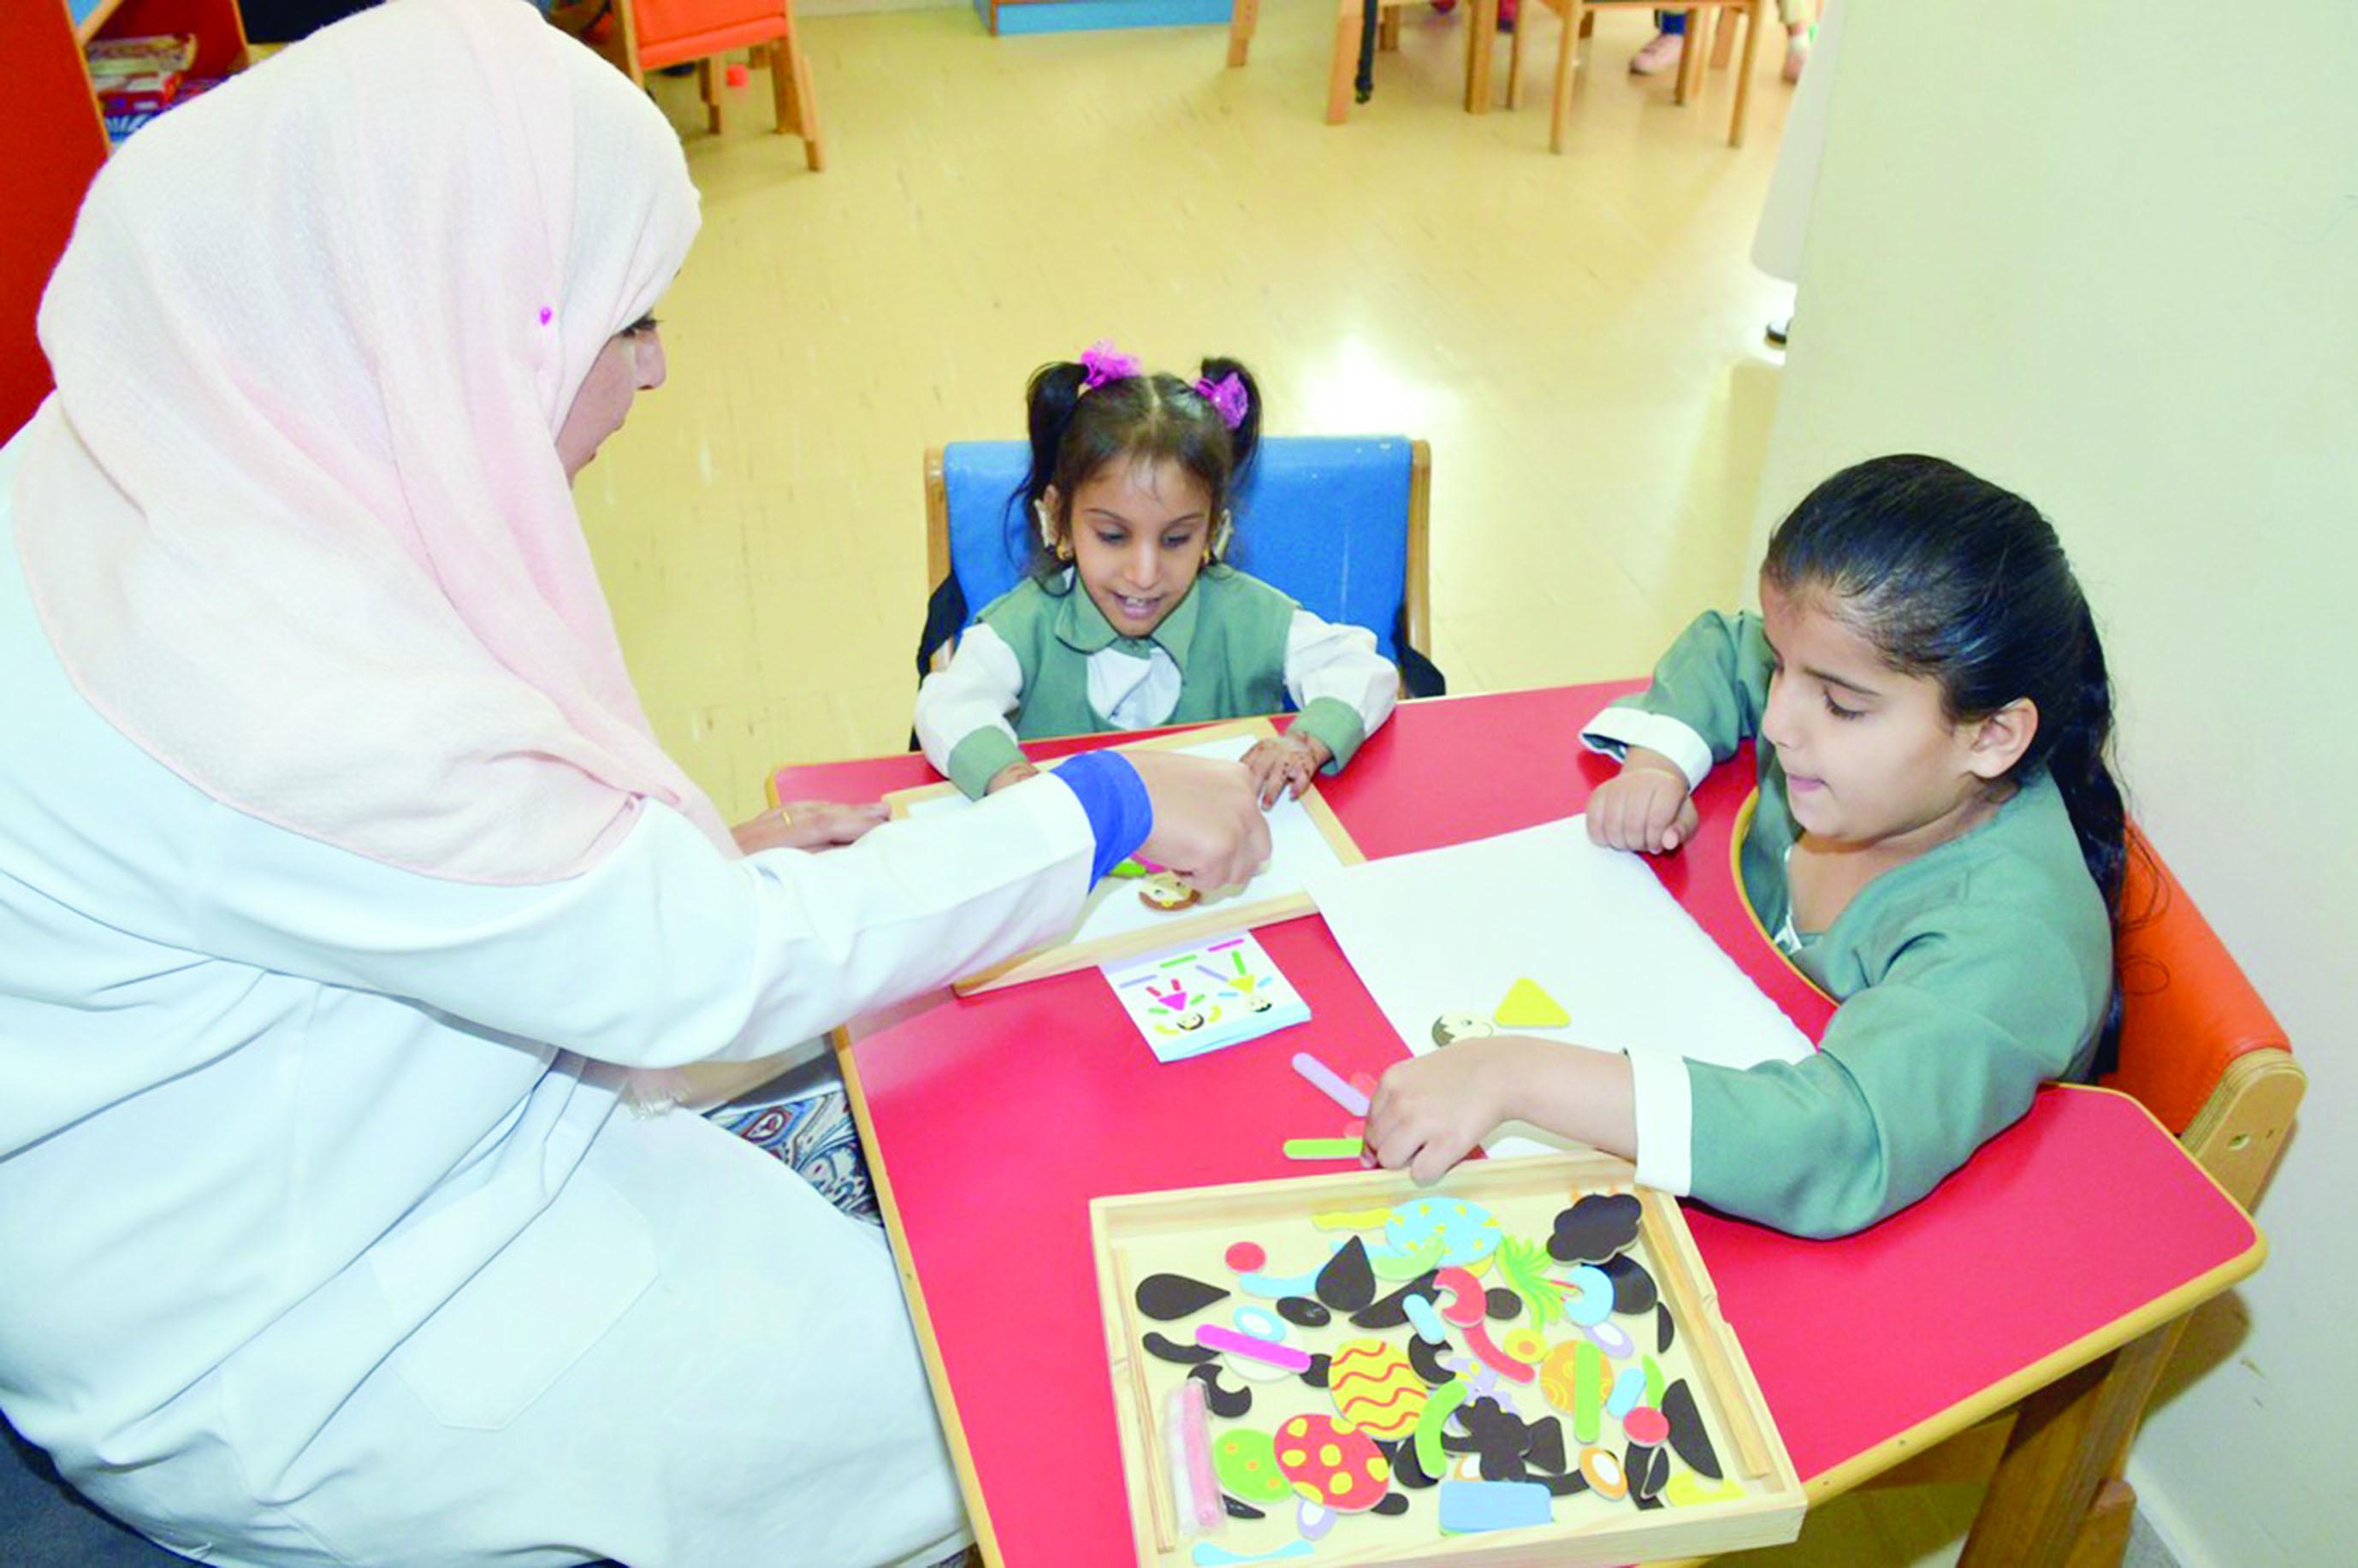 إنشاء مركز الوفاء لتأهيل الأطفال المعاقين بمقنيات